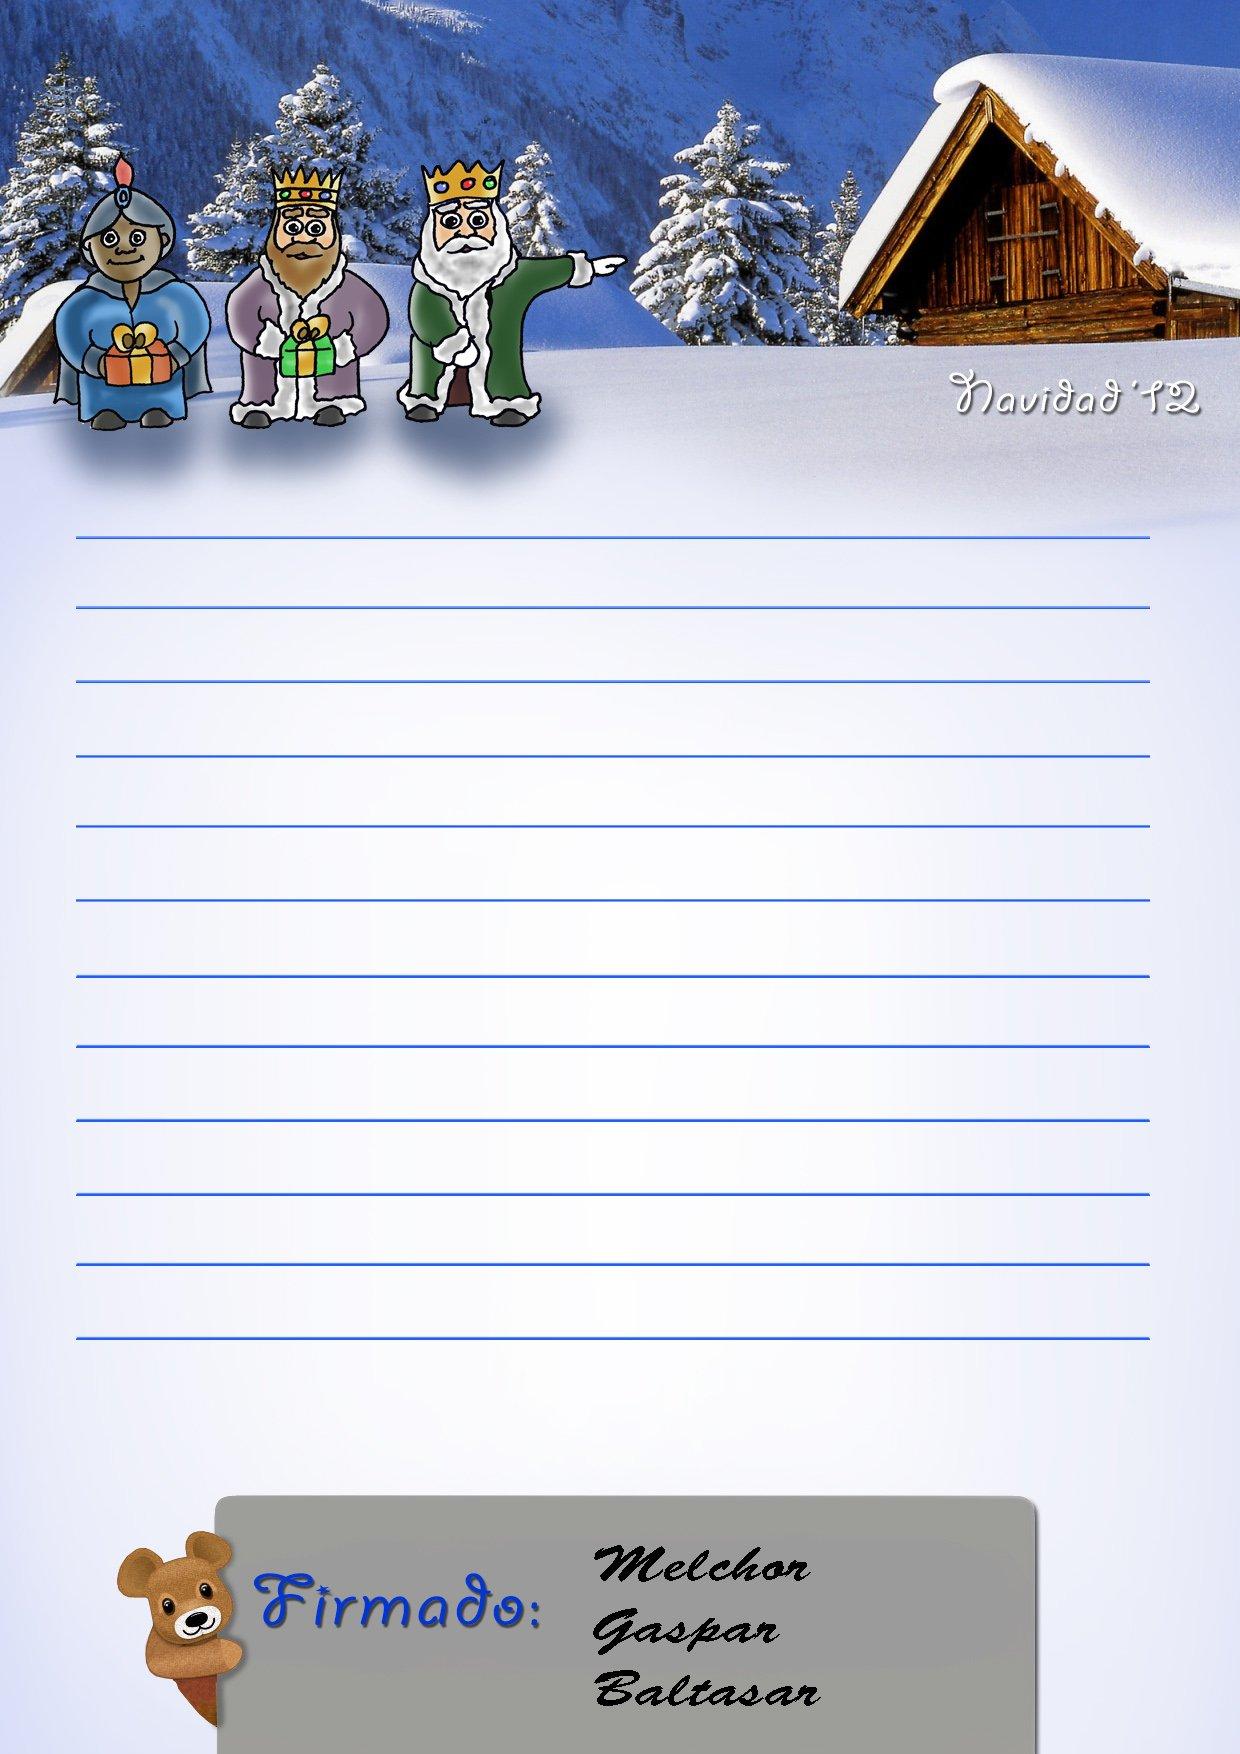 Haz tu propia carta para que los Reyes Magos respondan a tus hijos ...